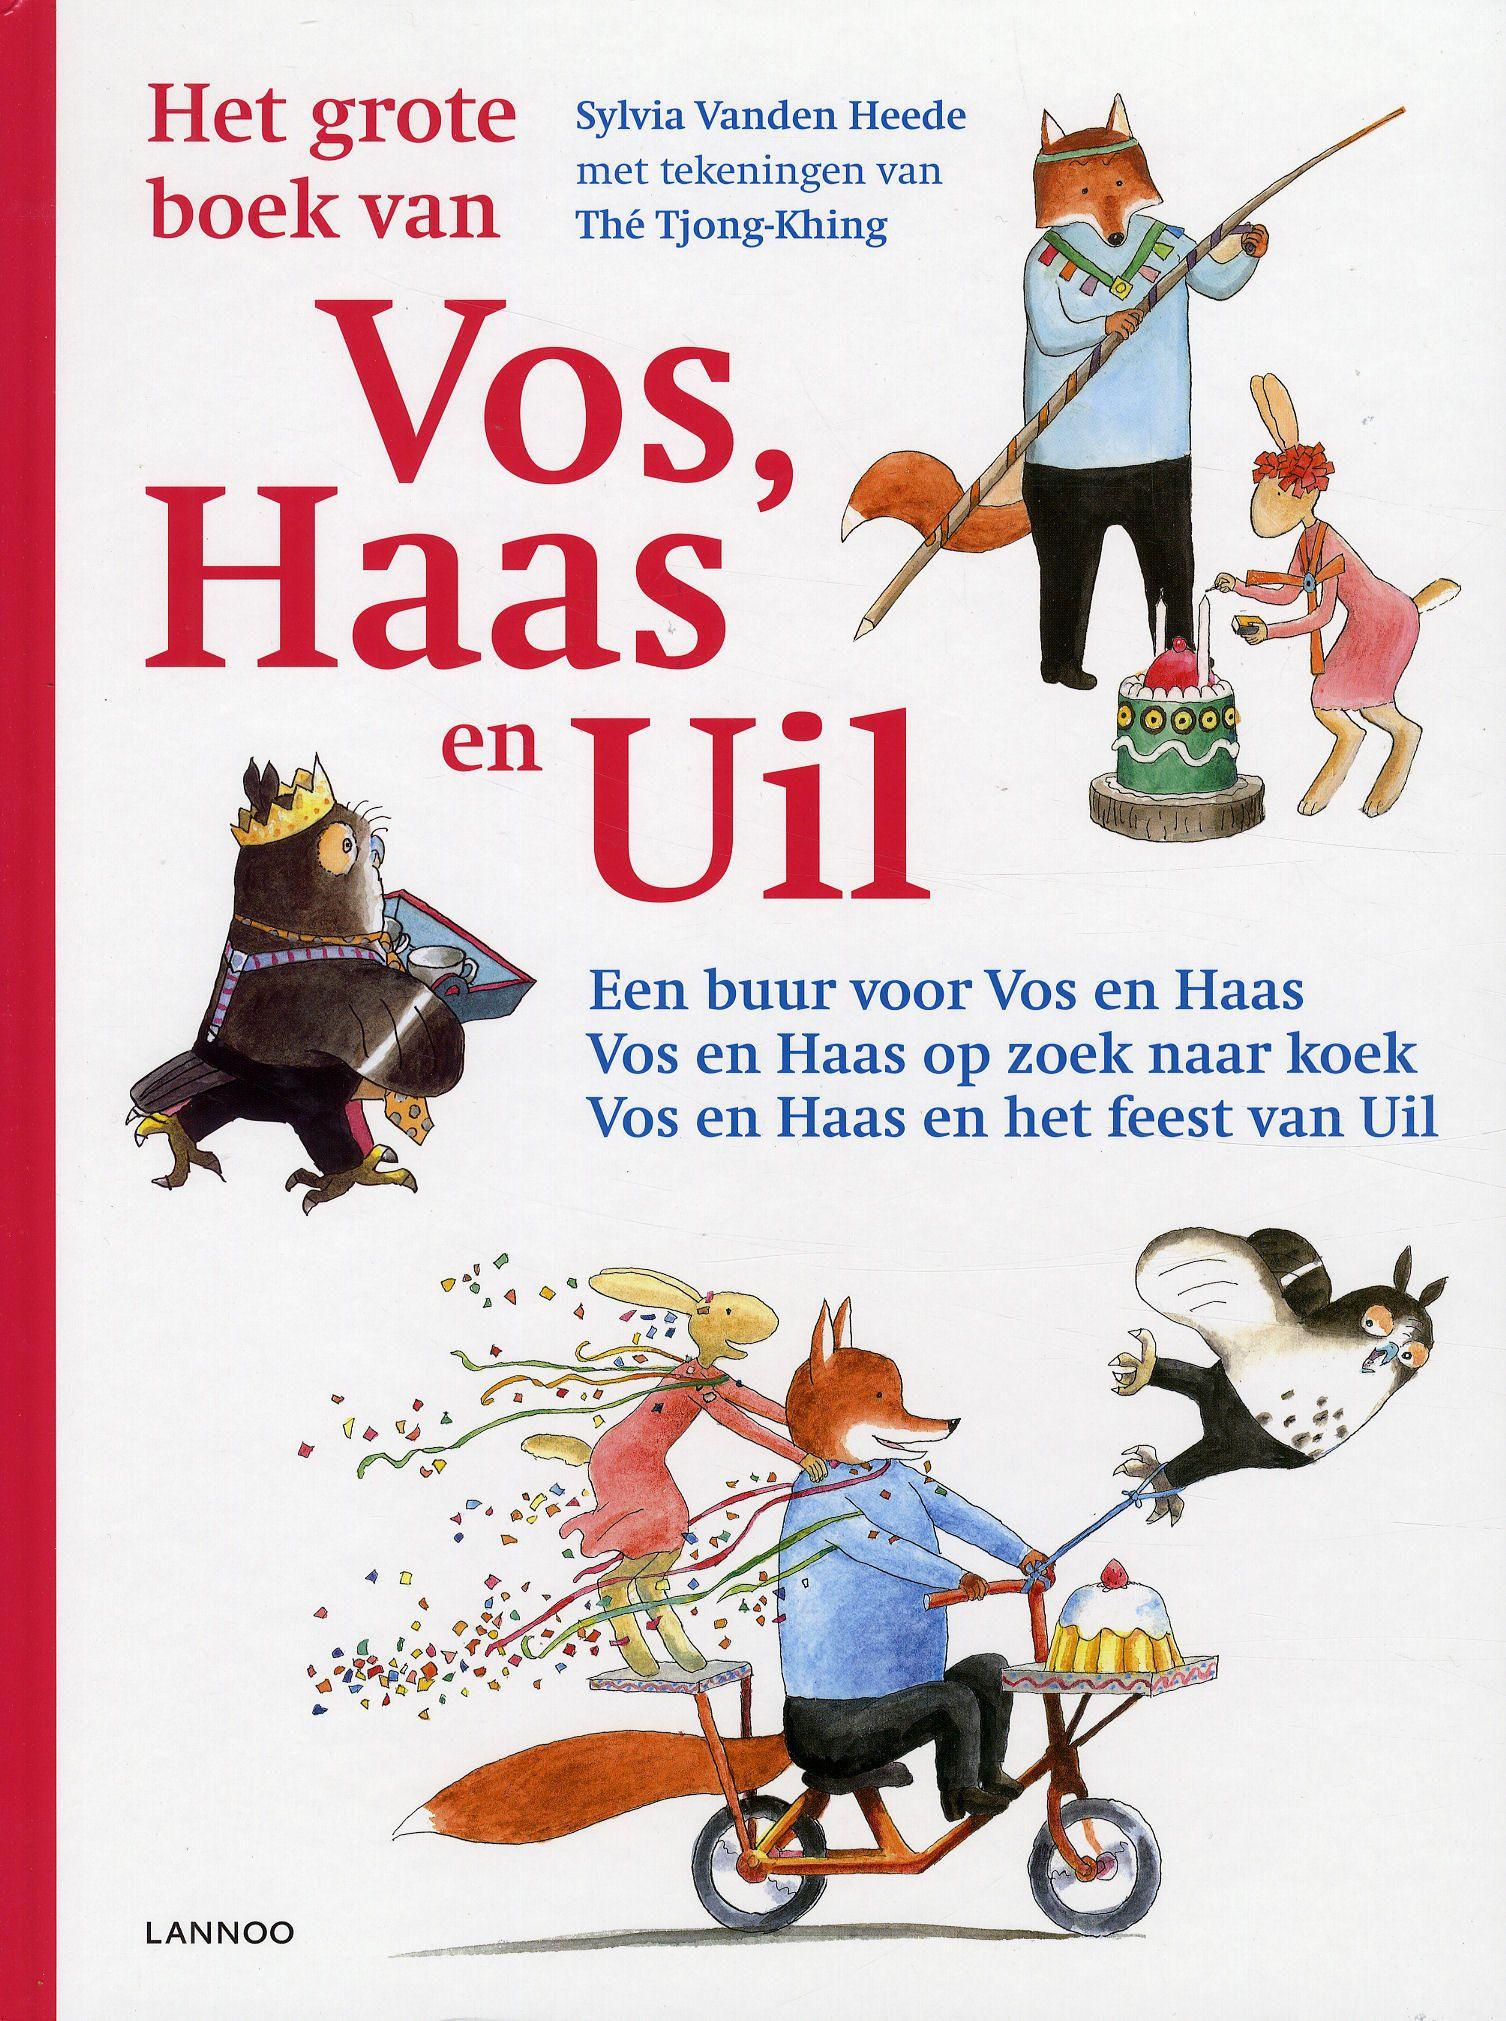 Het grote boek van Vos & haas